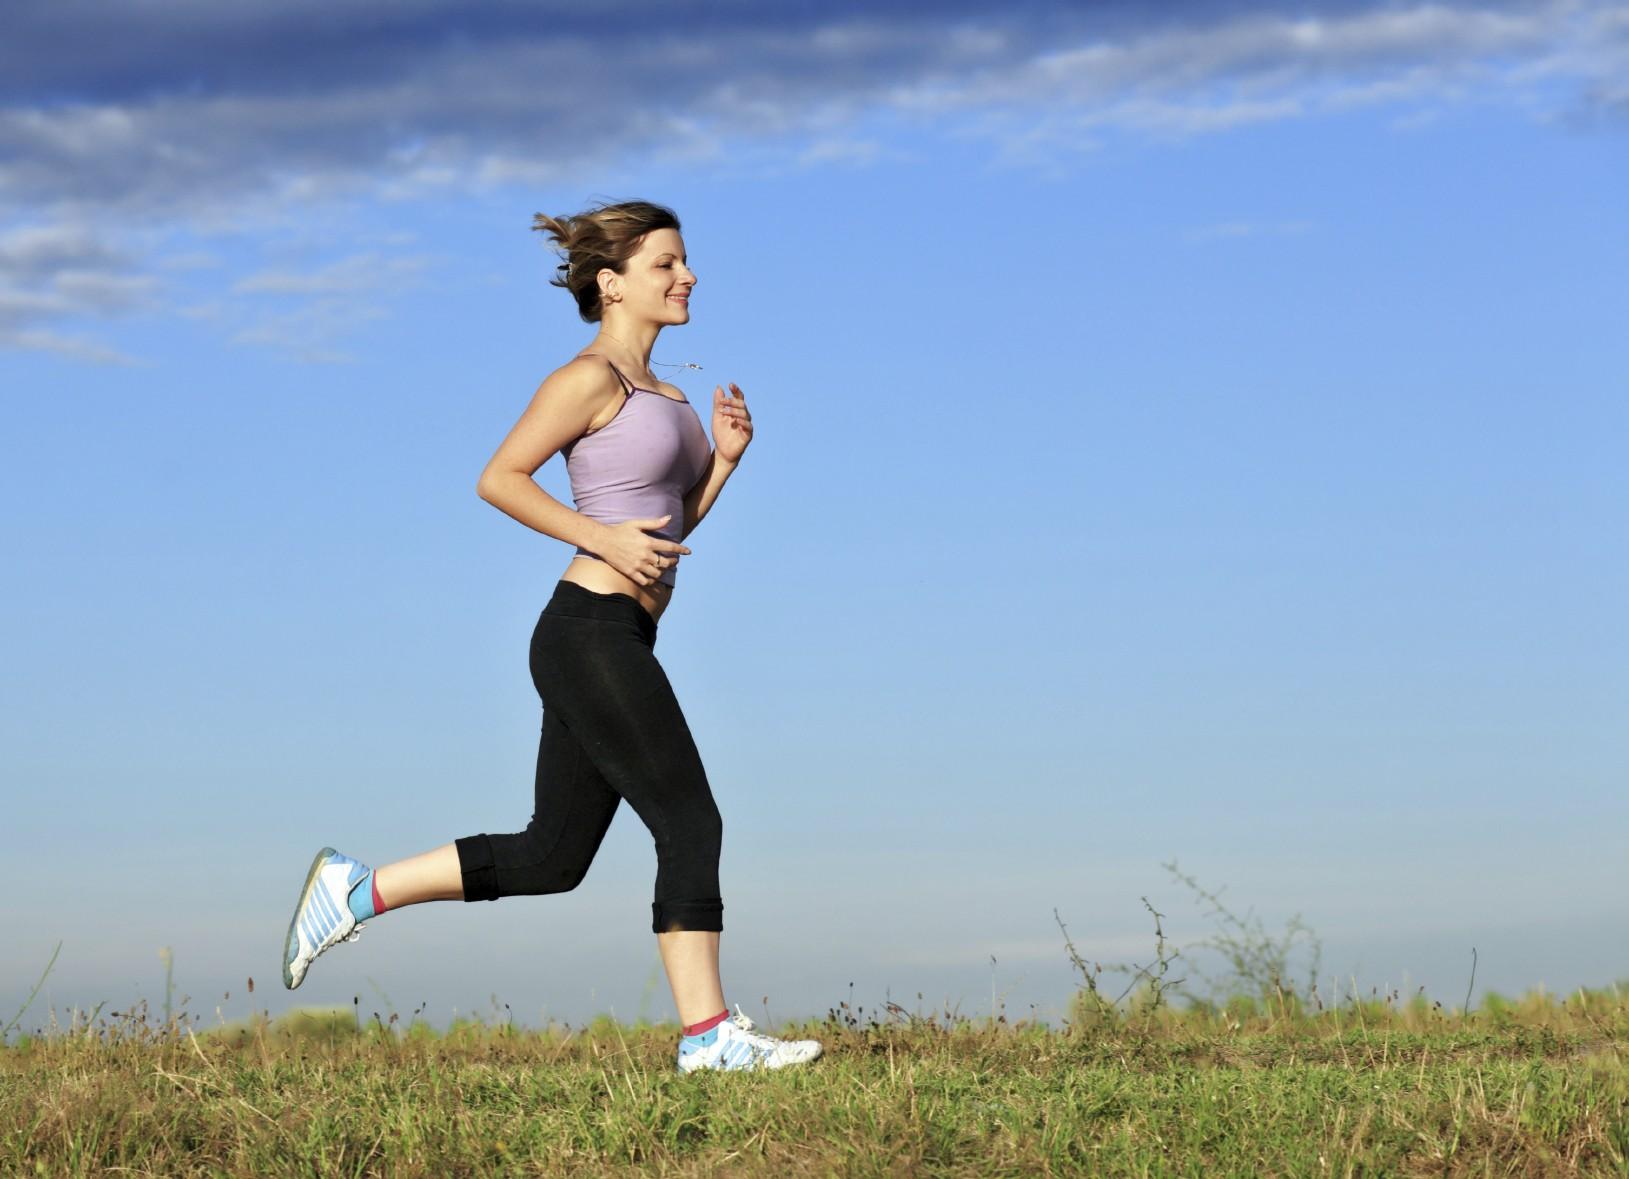 magas vérnyomás esetén sportolhat hol kell kezelni a magas vérnyomást